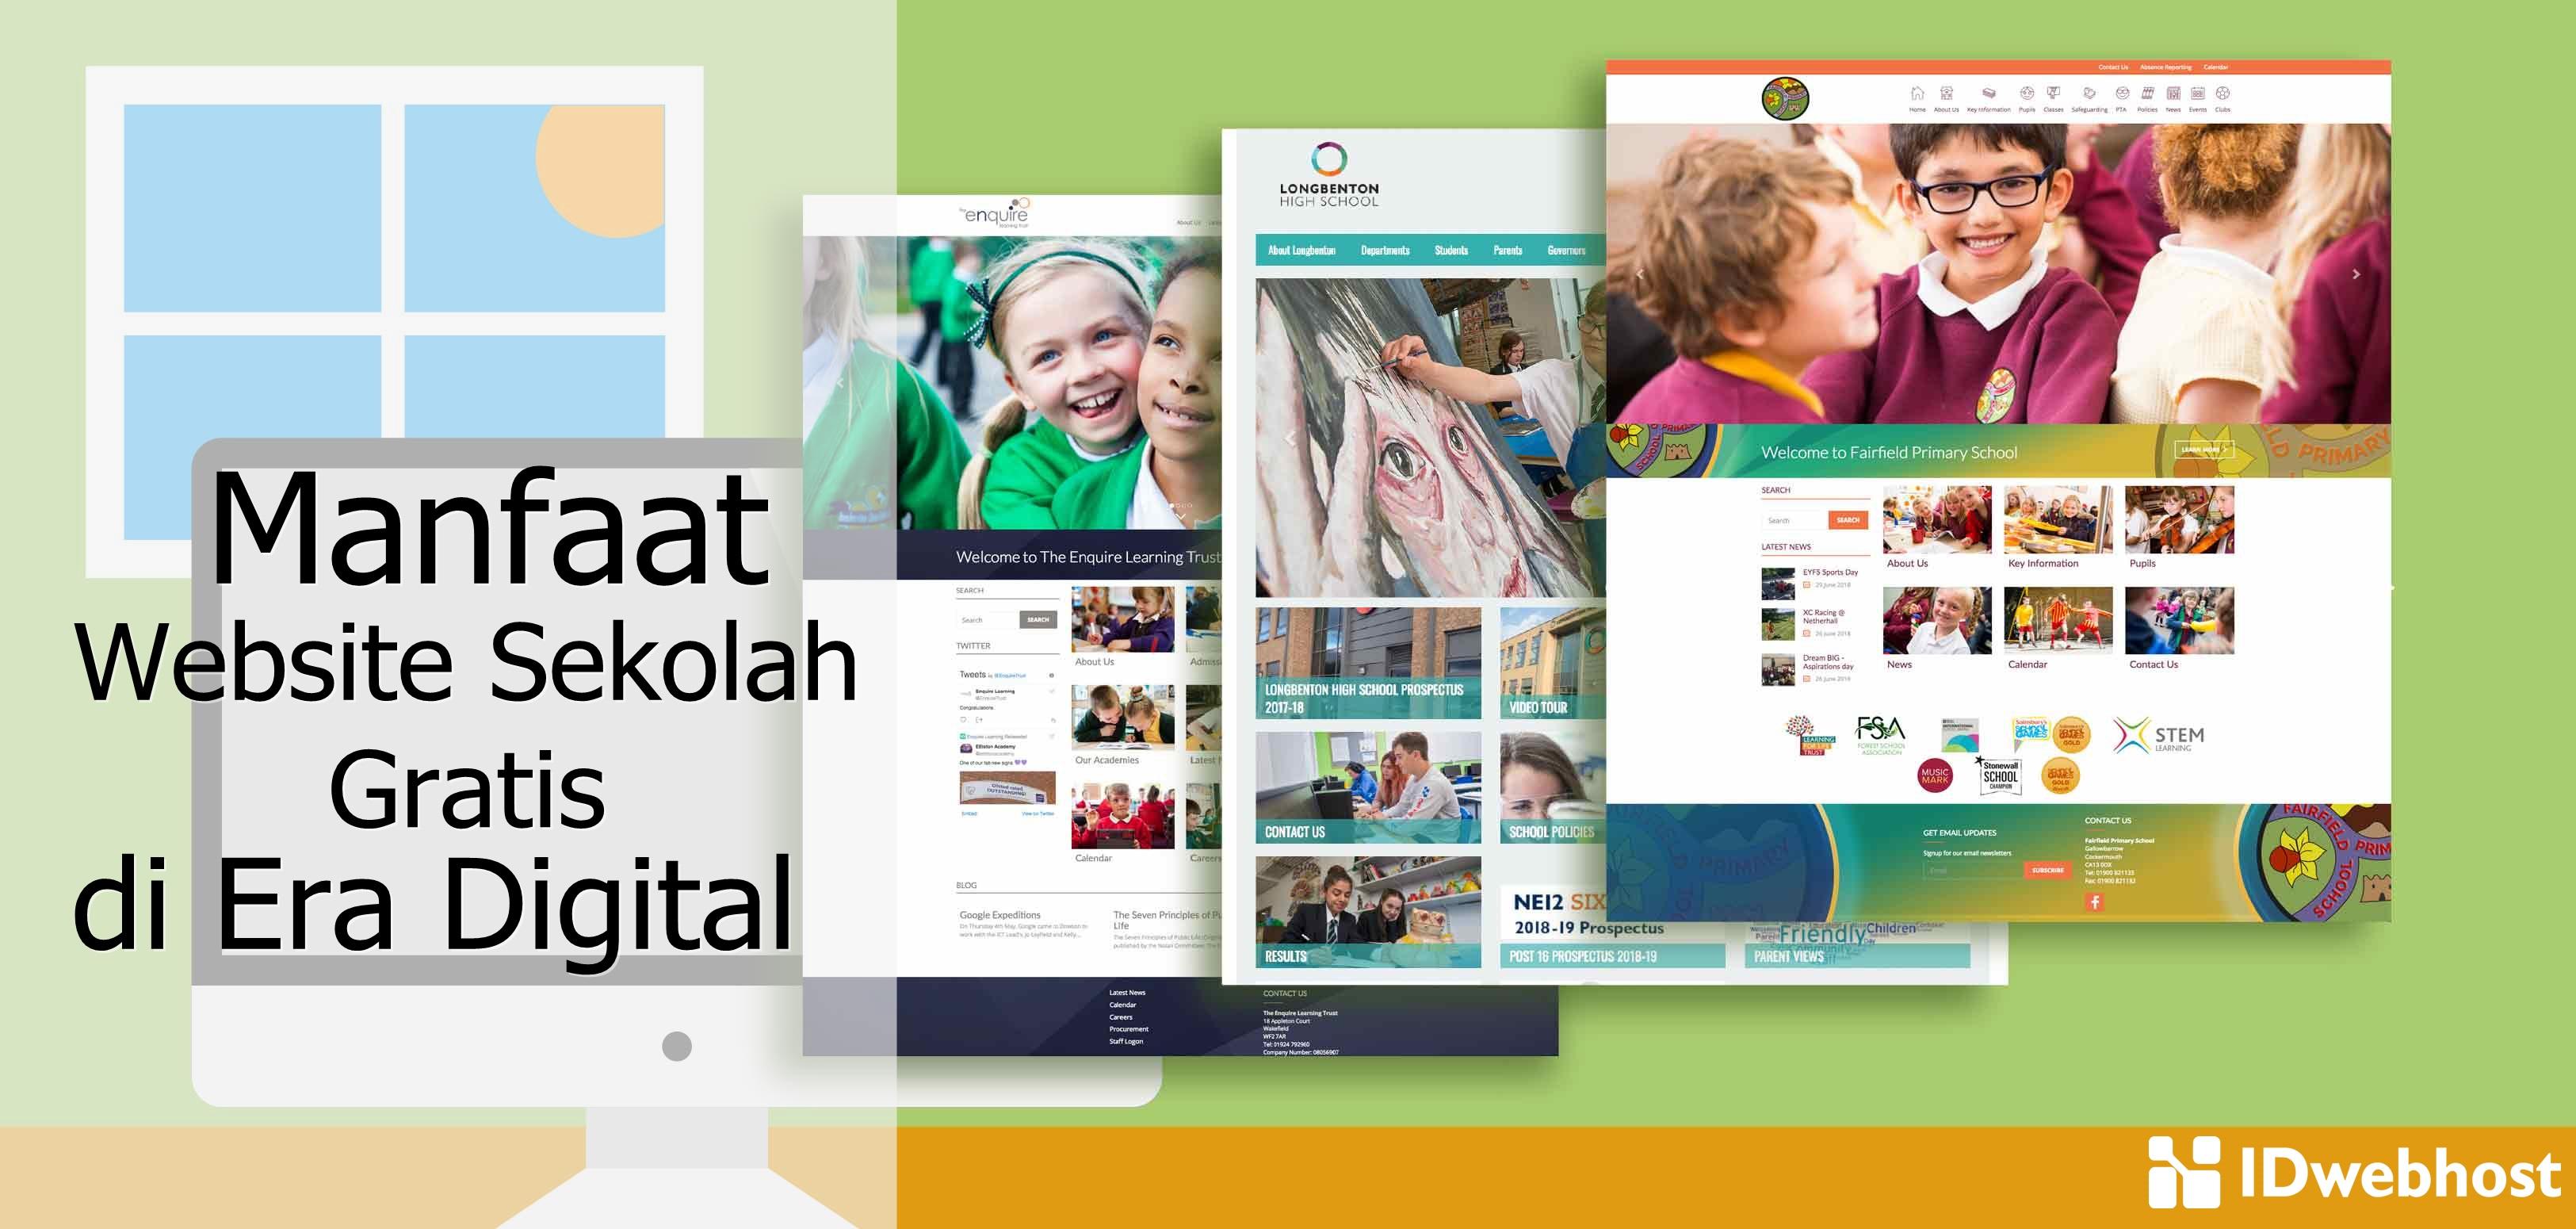 Manfaat Website Sekolah Gratis di Era Digital